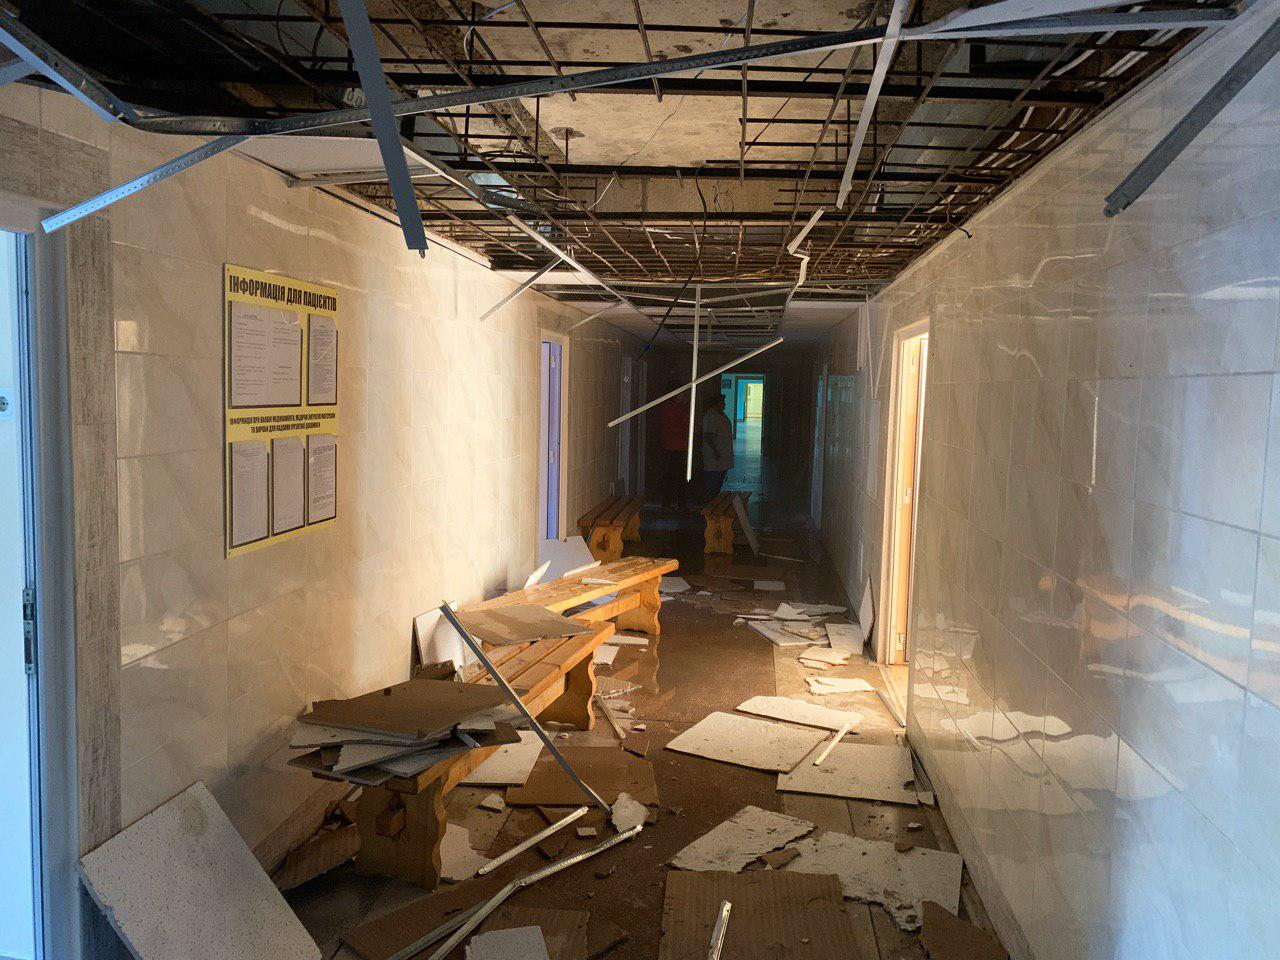 Журналист показал что творится внутри приемного отделения больницы, которая пылала в Ужгороде